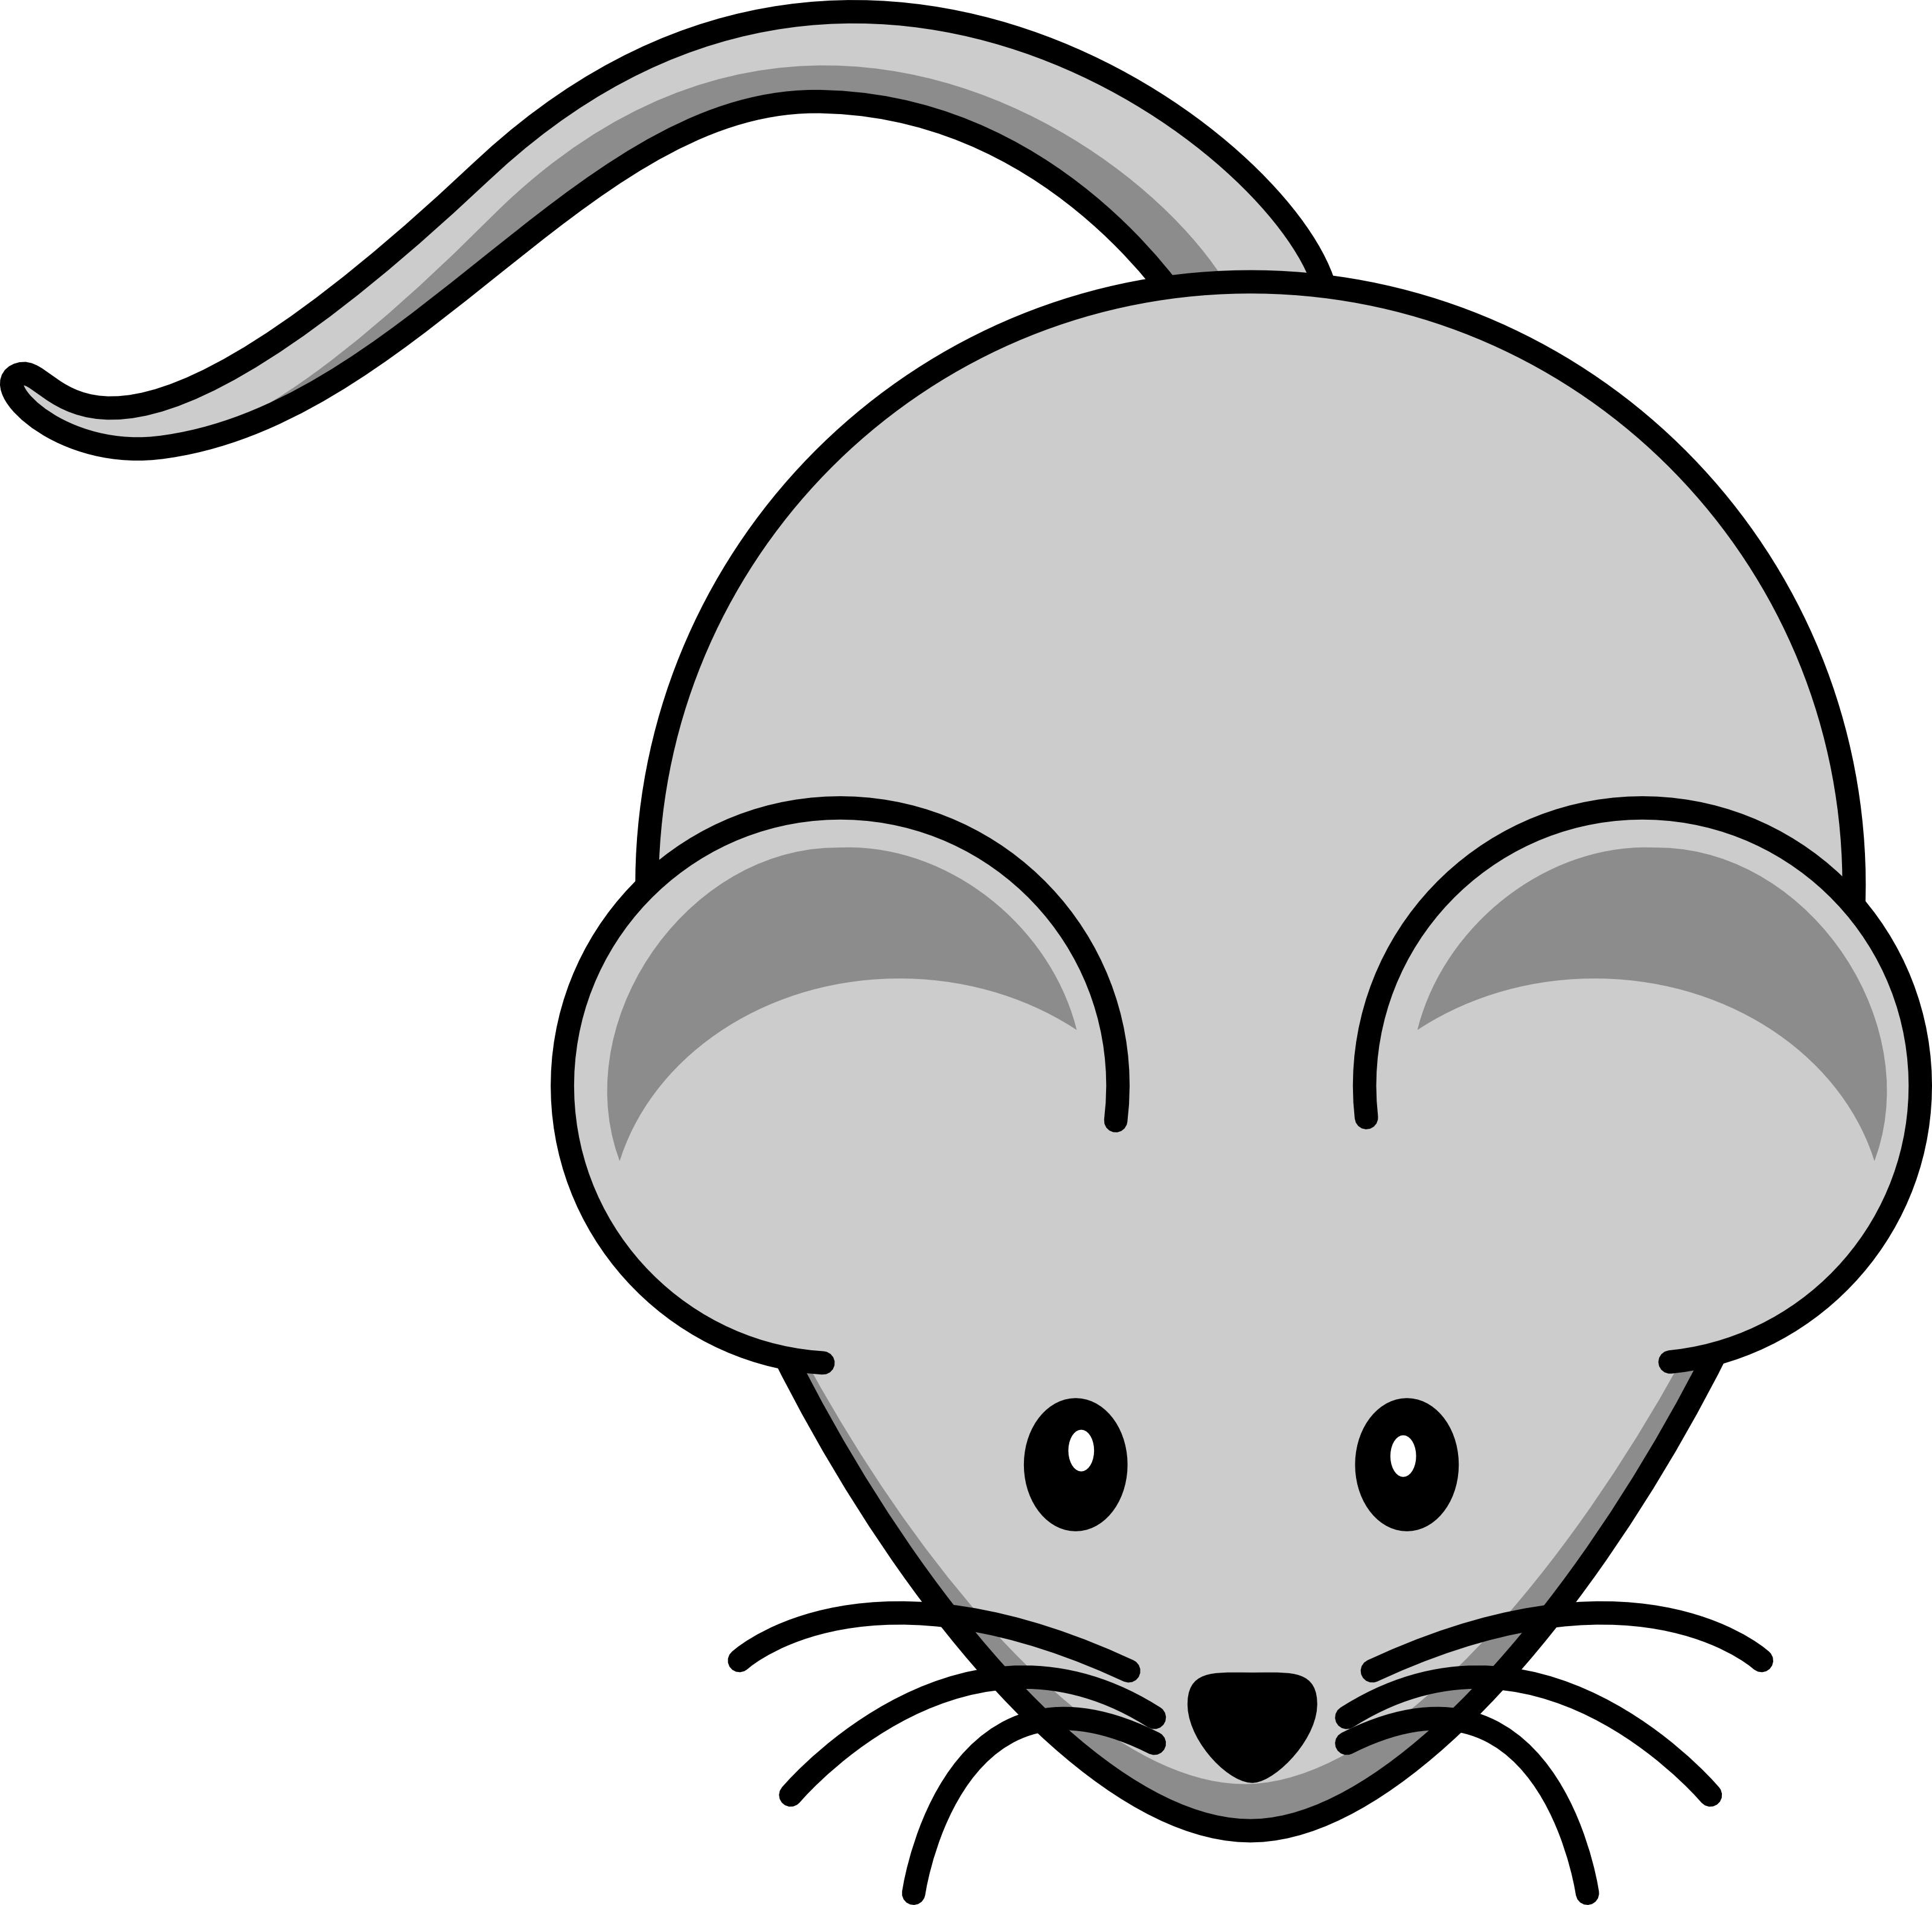 - Mouse Clip Art